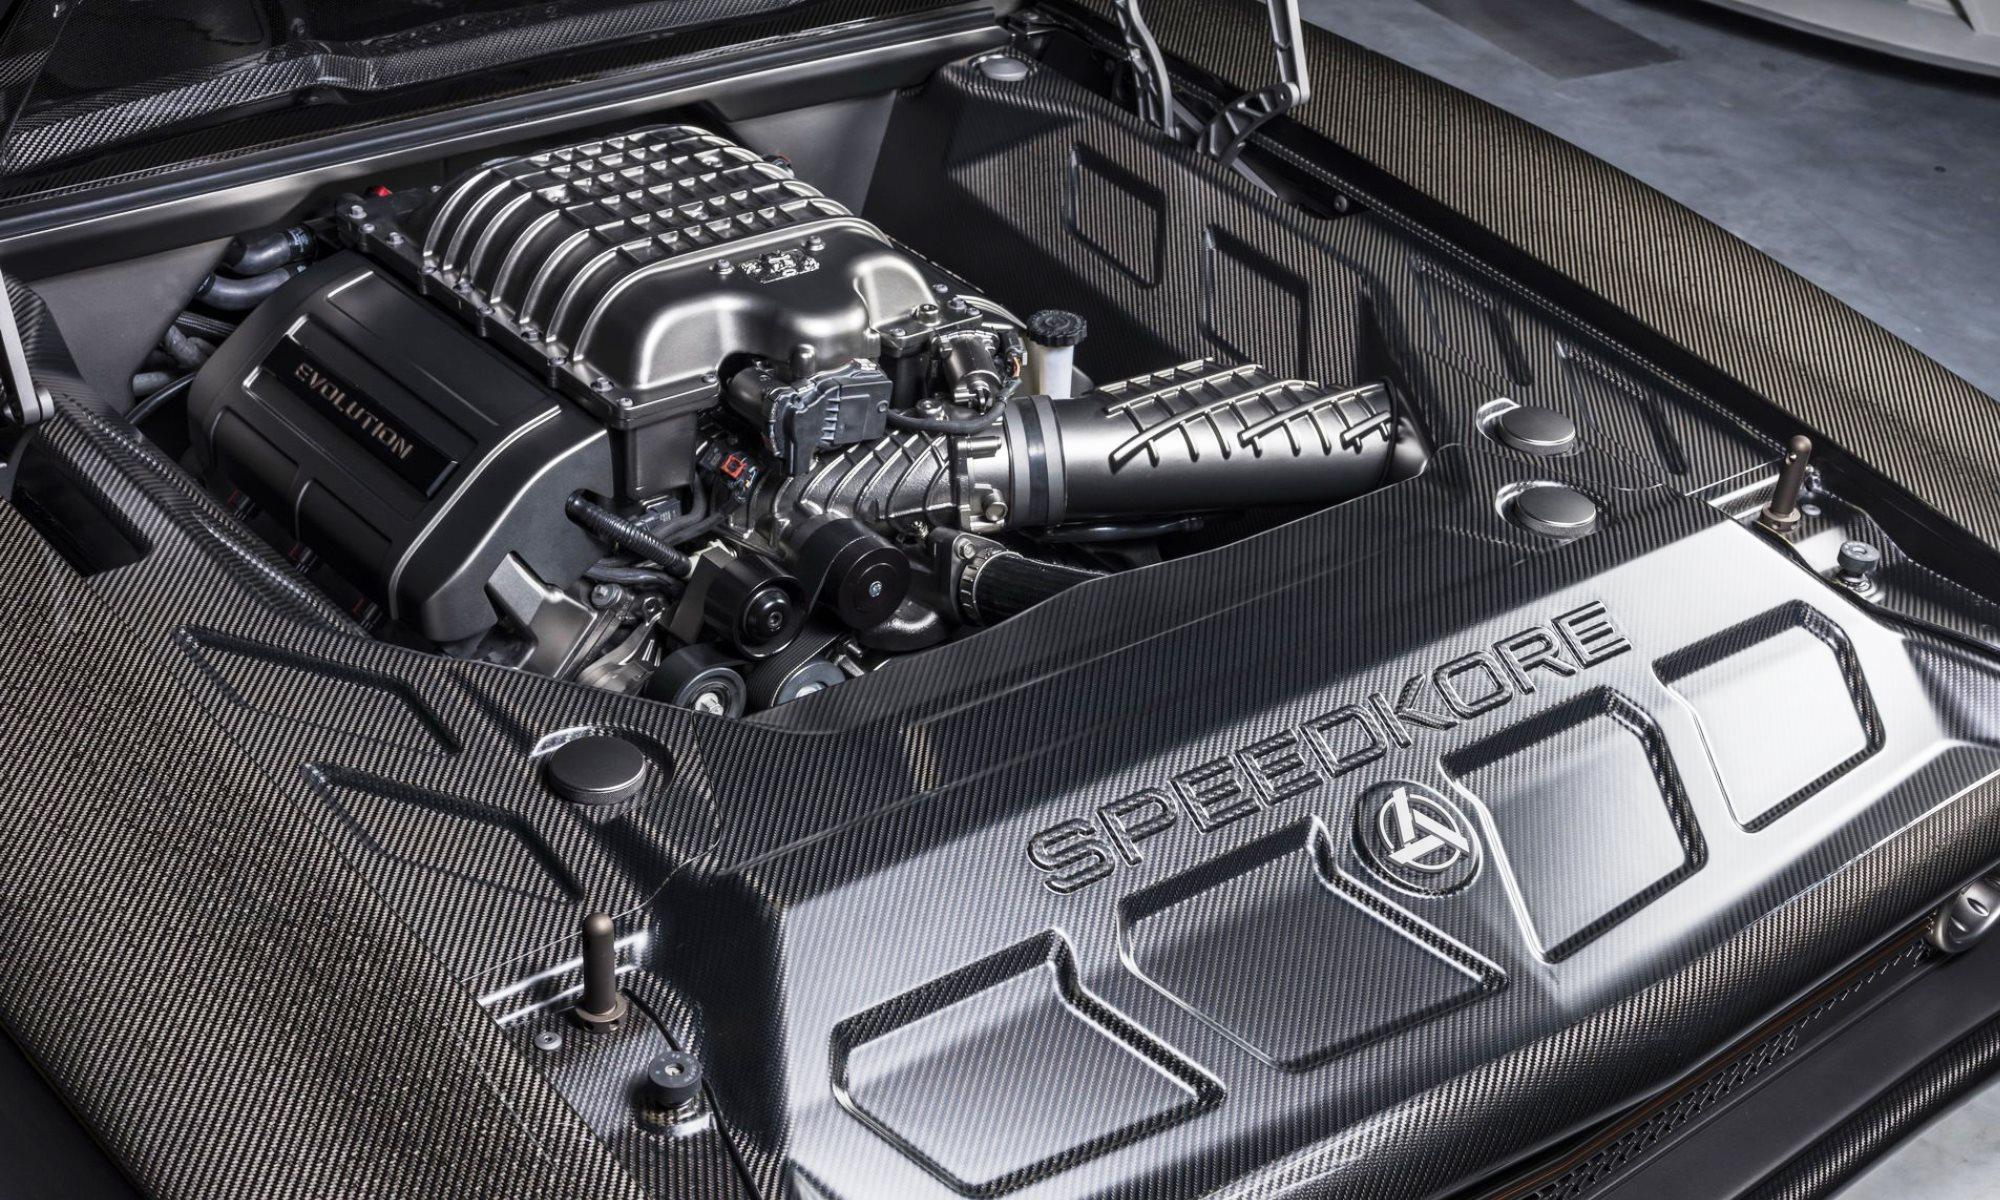 SpeedKore Dodge Charger Evolution engine